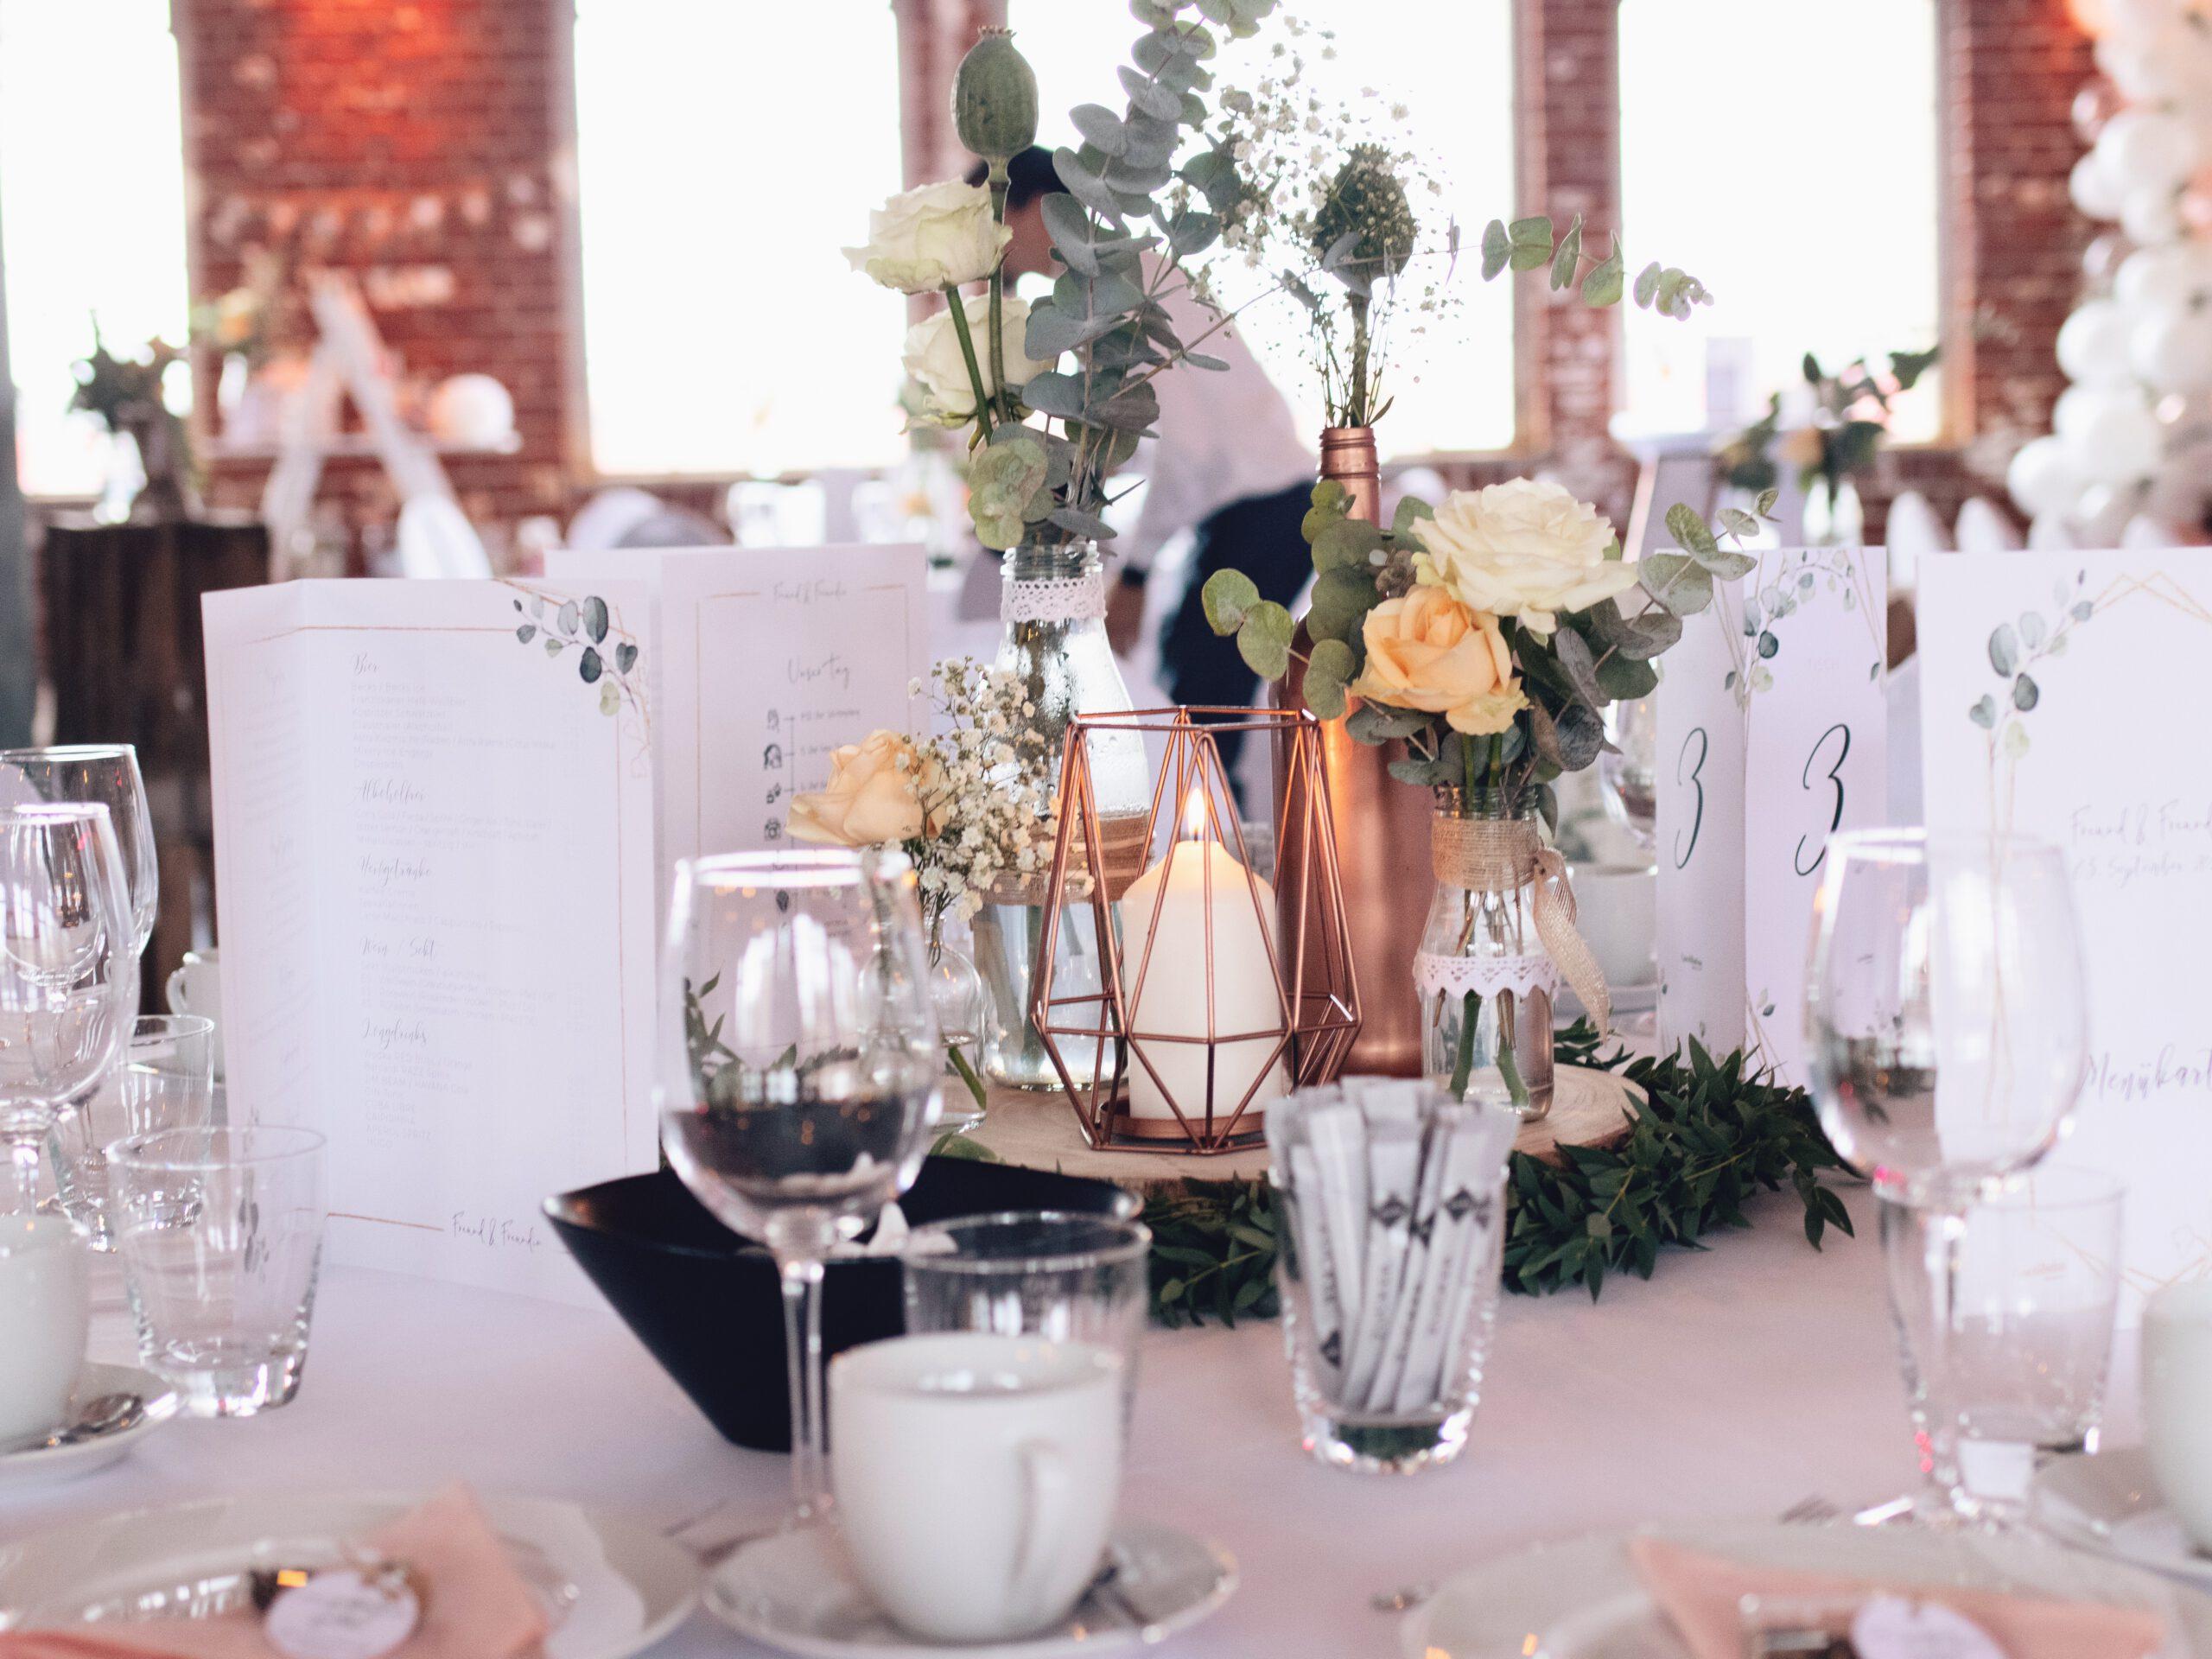 DIY Boho-Hochzeit: Tischdekoration mit Holzscheiben, kleinen Vasen, Kupferkerze und Eukalyptus